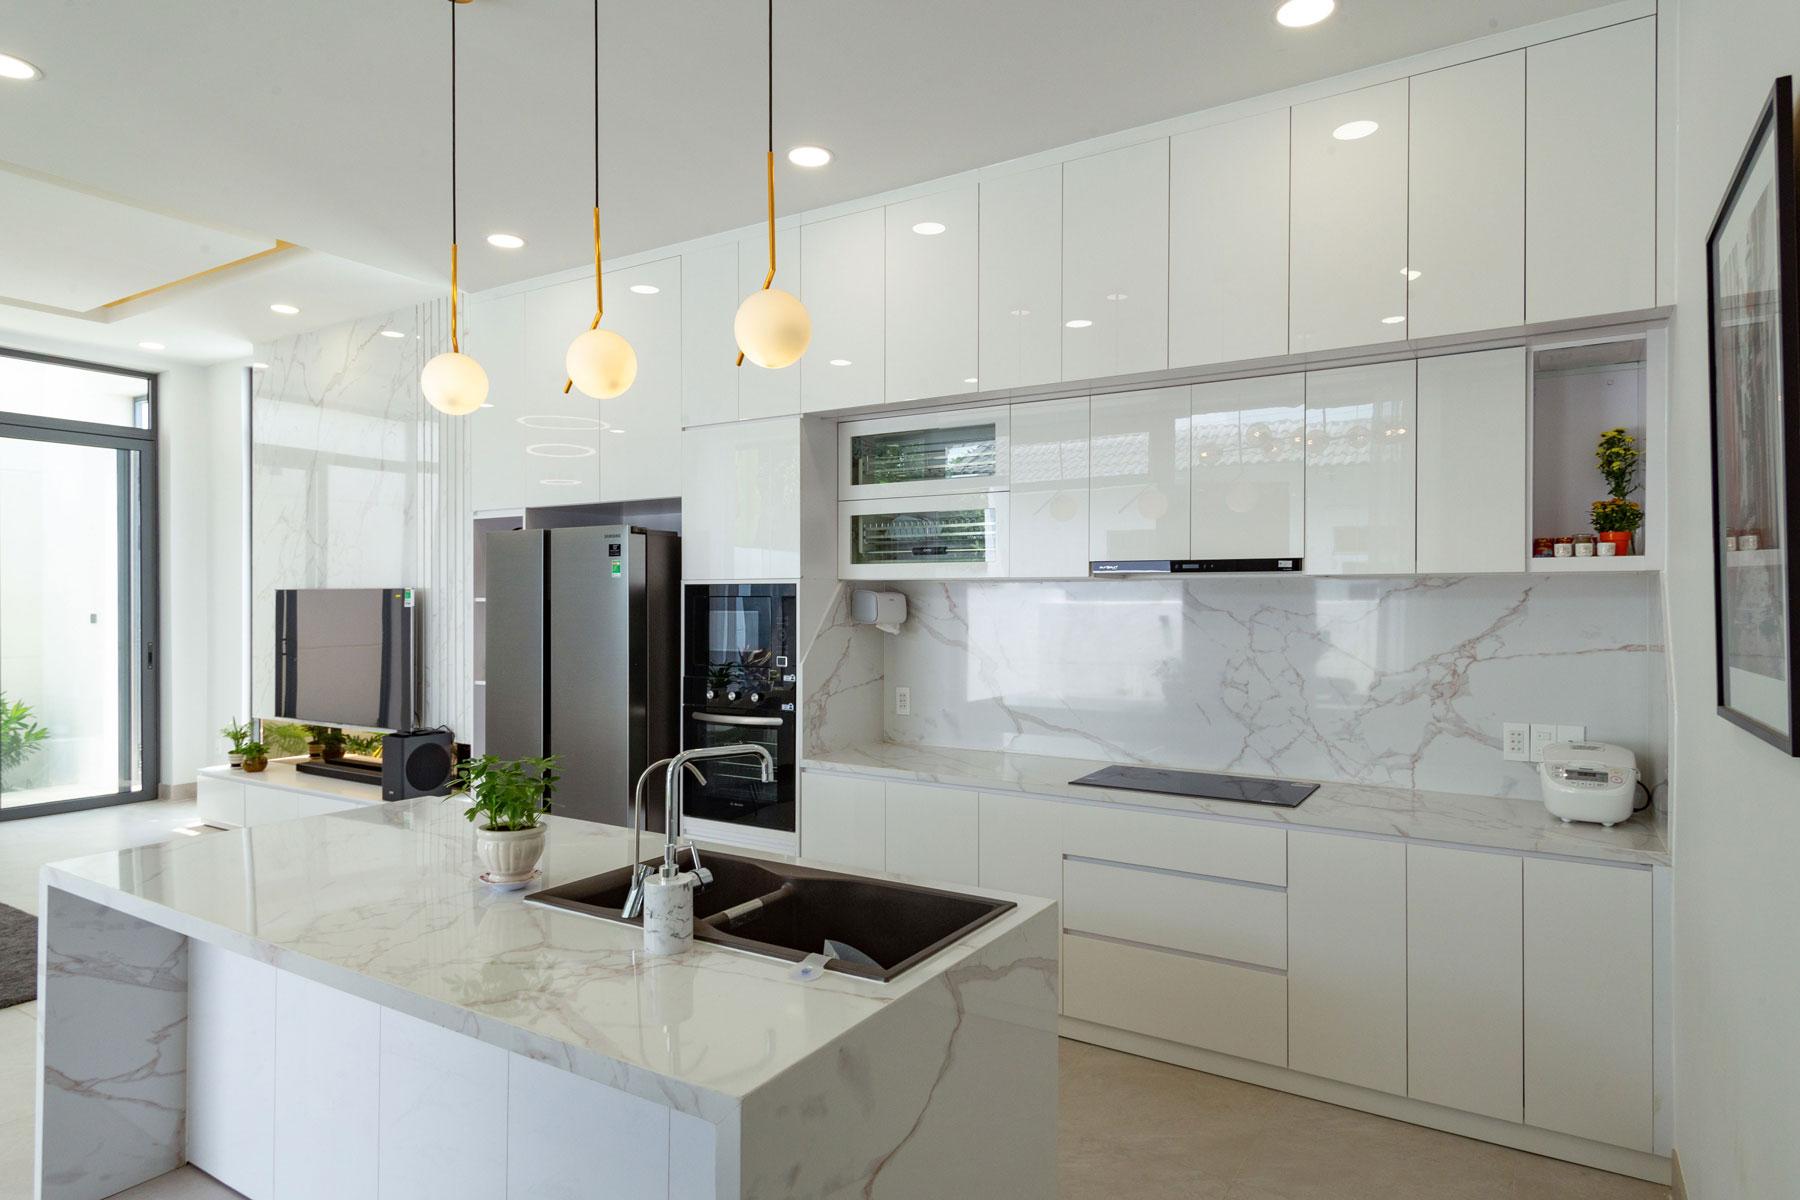 11 1 Tư vấn thiết kế nội thất cao cấp cho phòng bếp đẹp   NT011213G